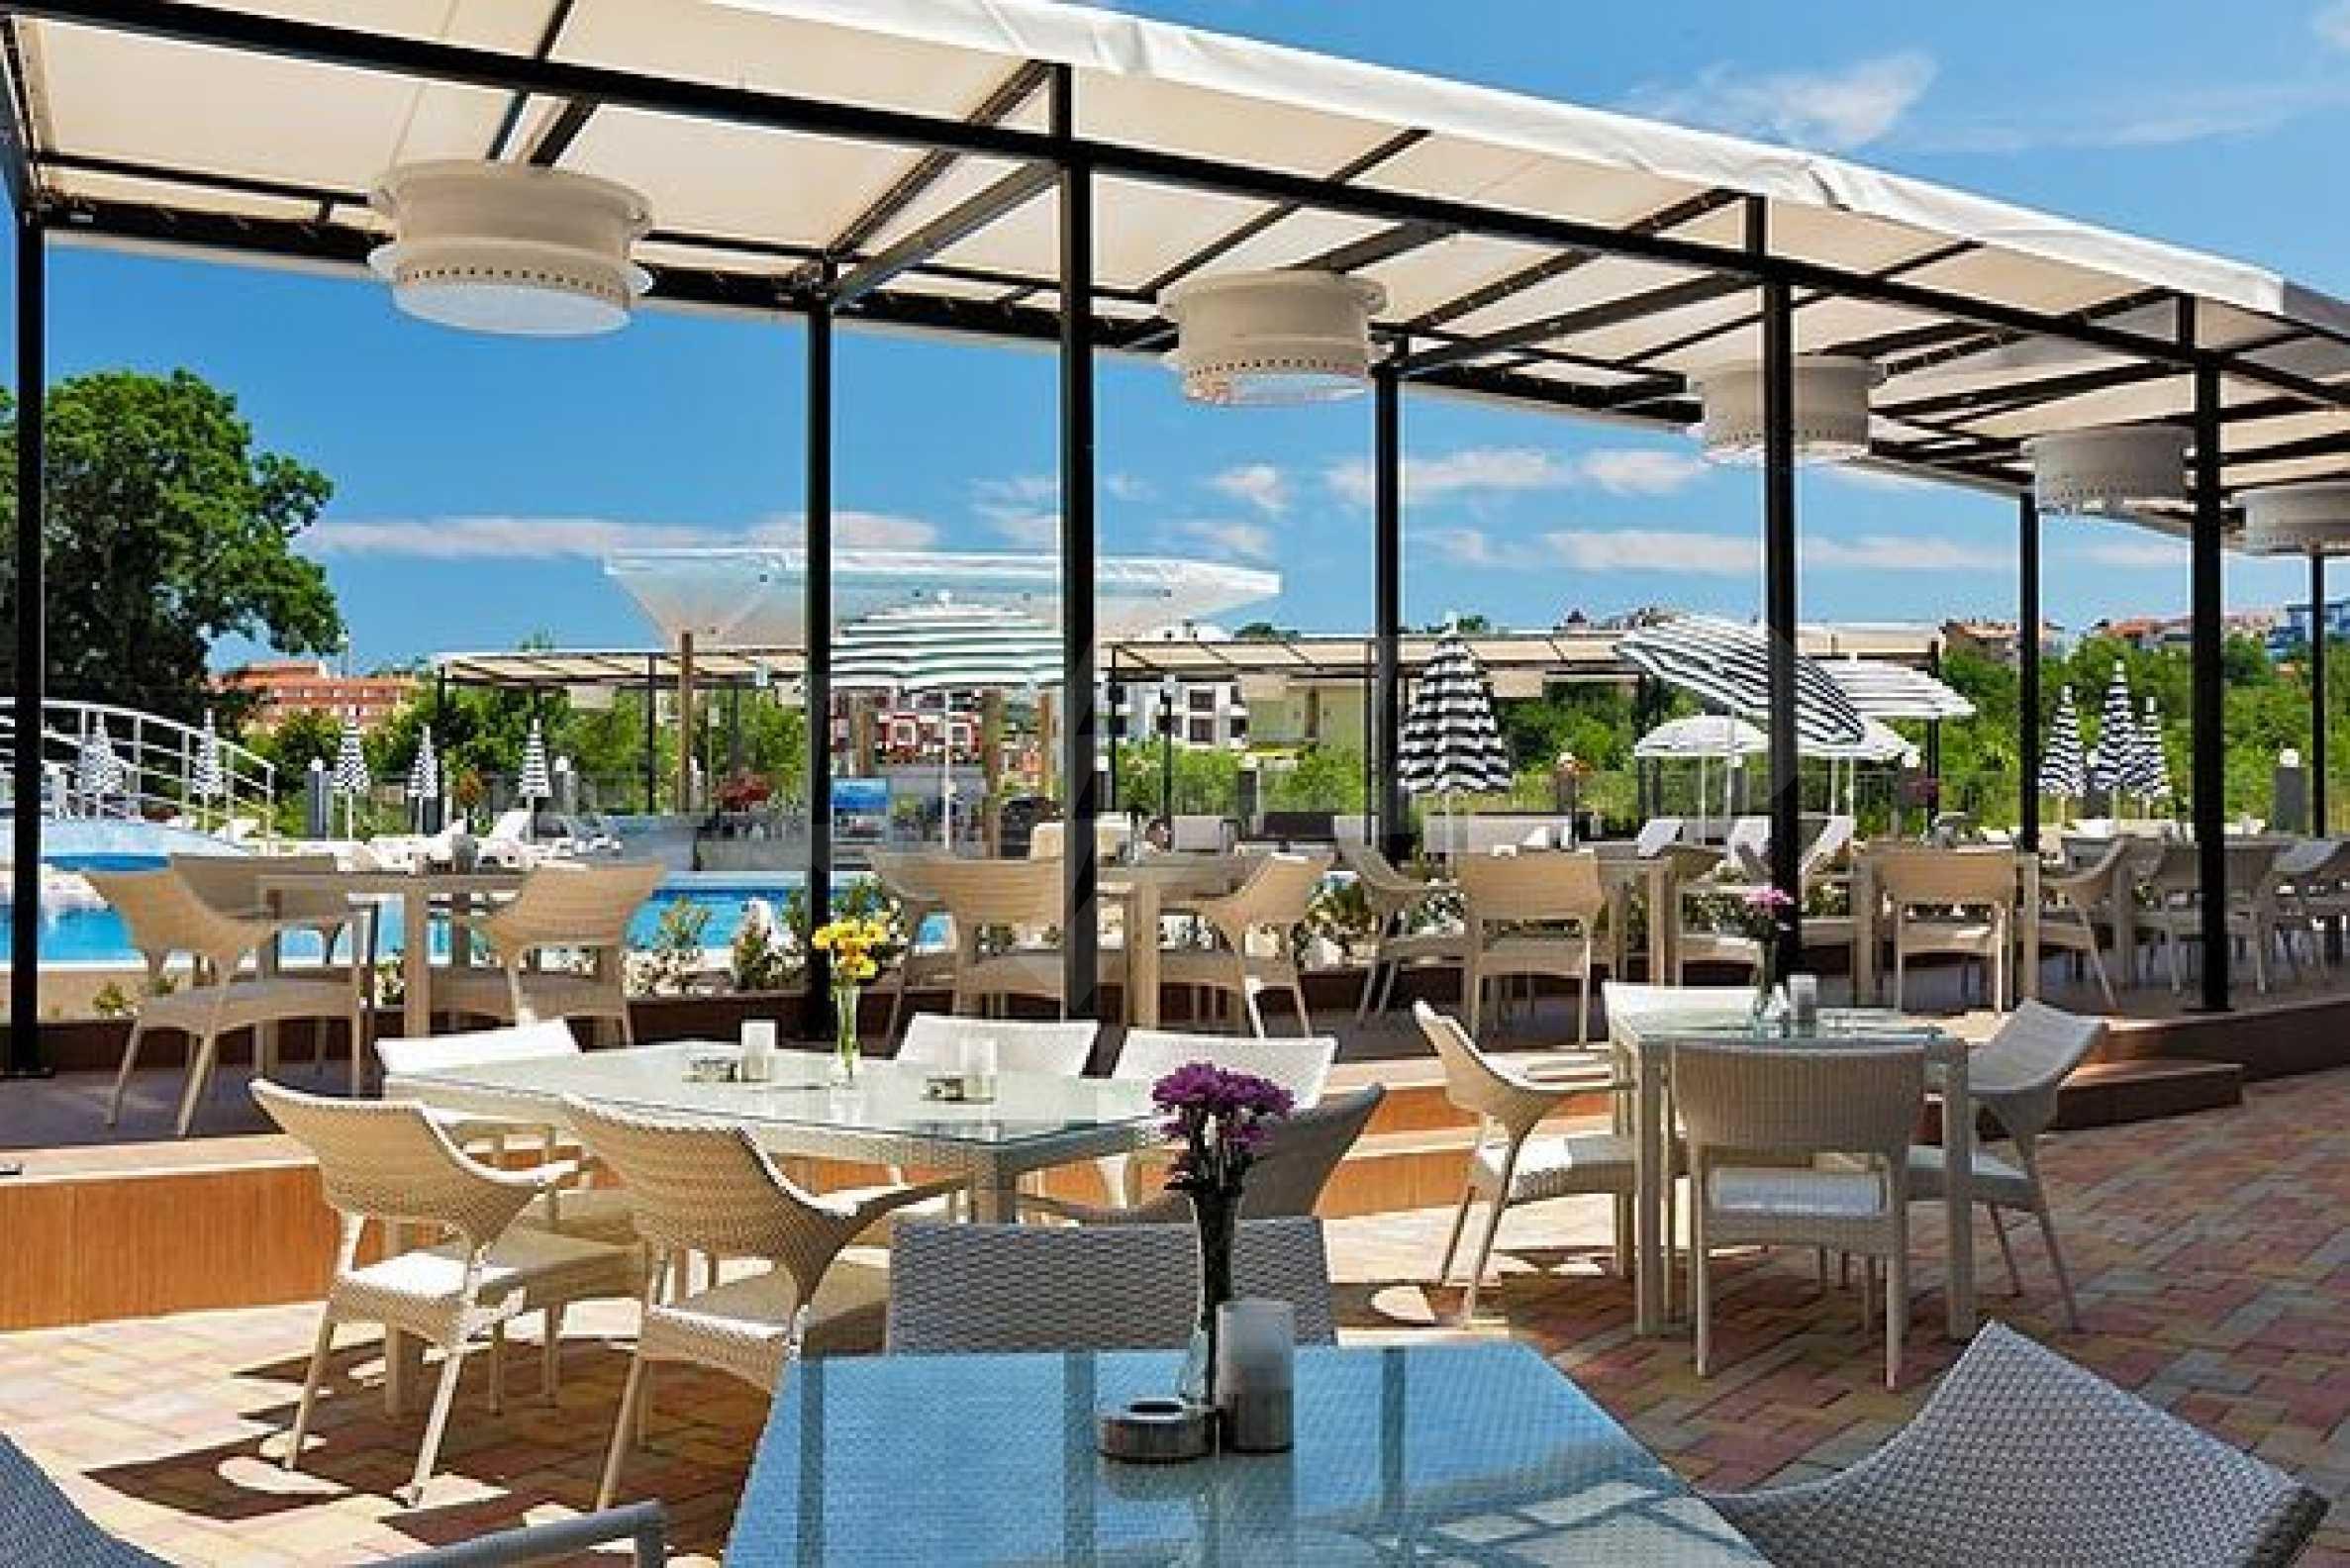 Einrichtung mit Restaurant, Bar und Pool-Bar im Meer-Kurort Lozenets